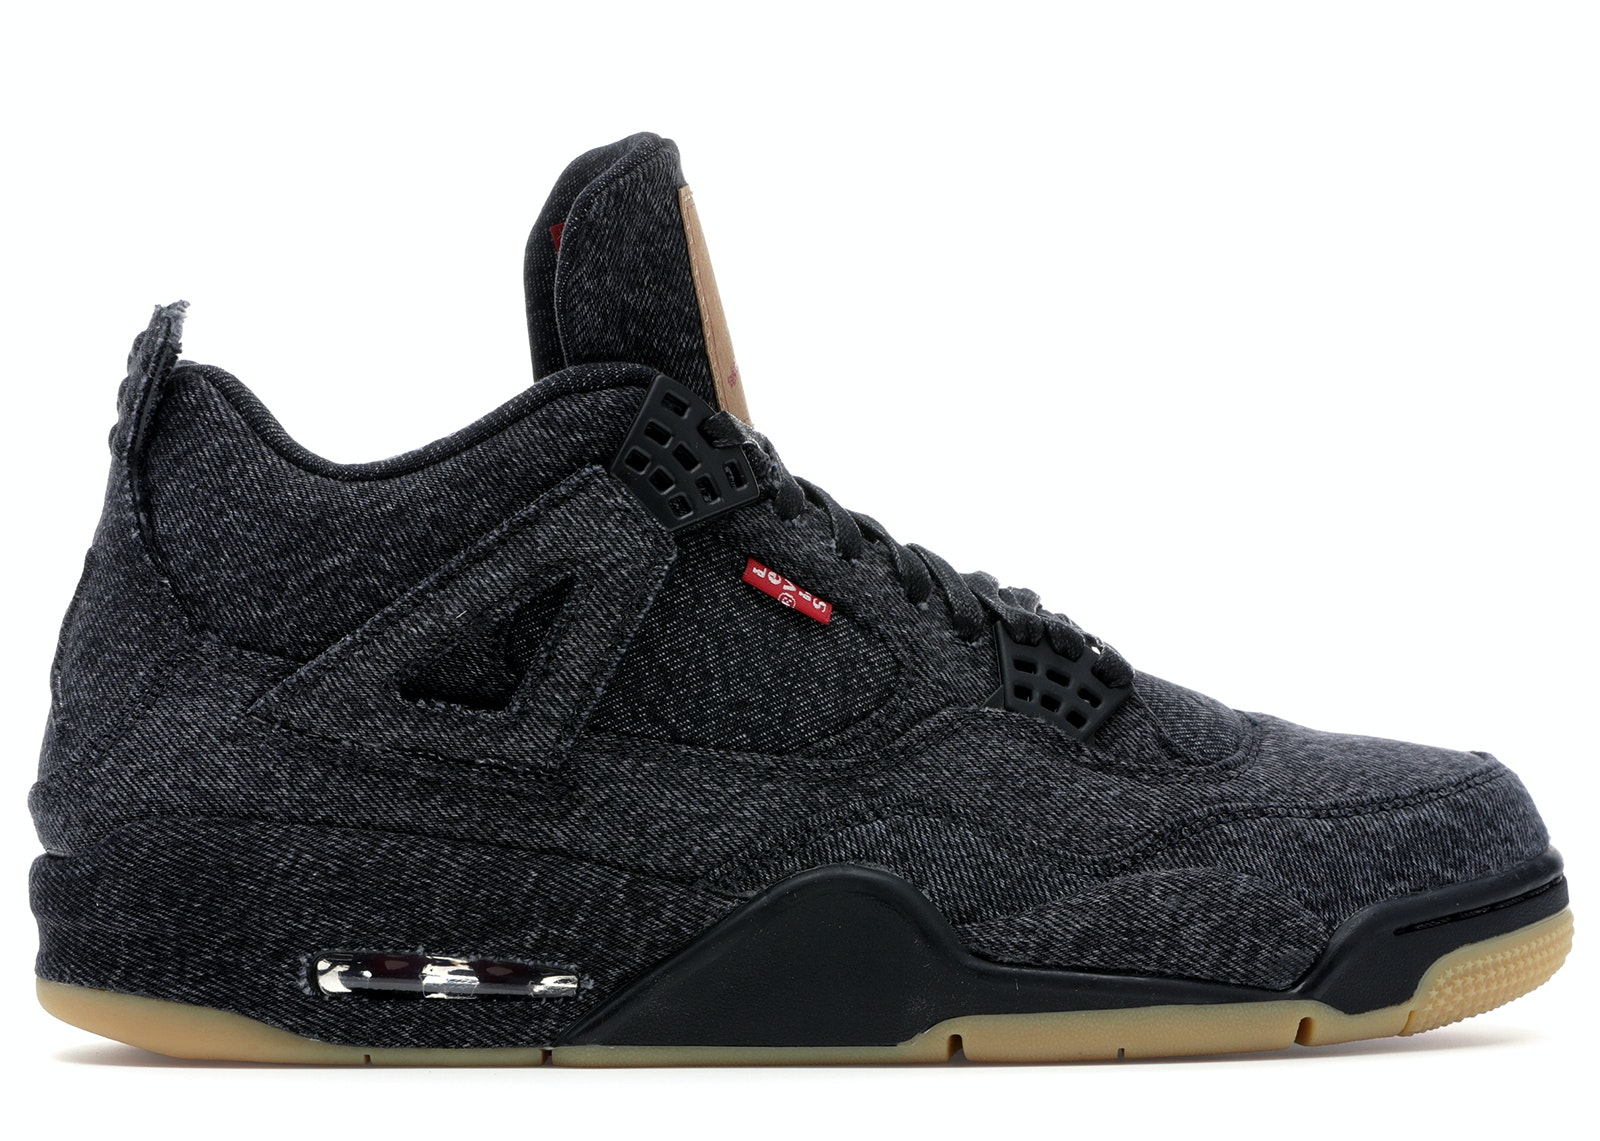 Jordan 4 Retro Levi's Black (Levi's Tag)